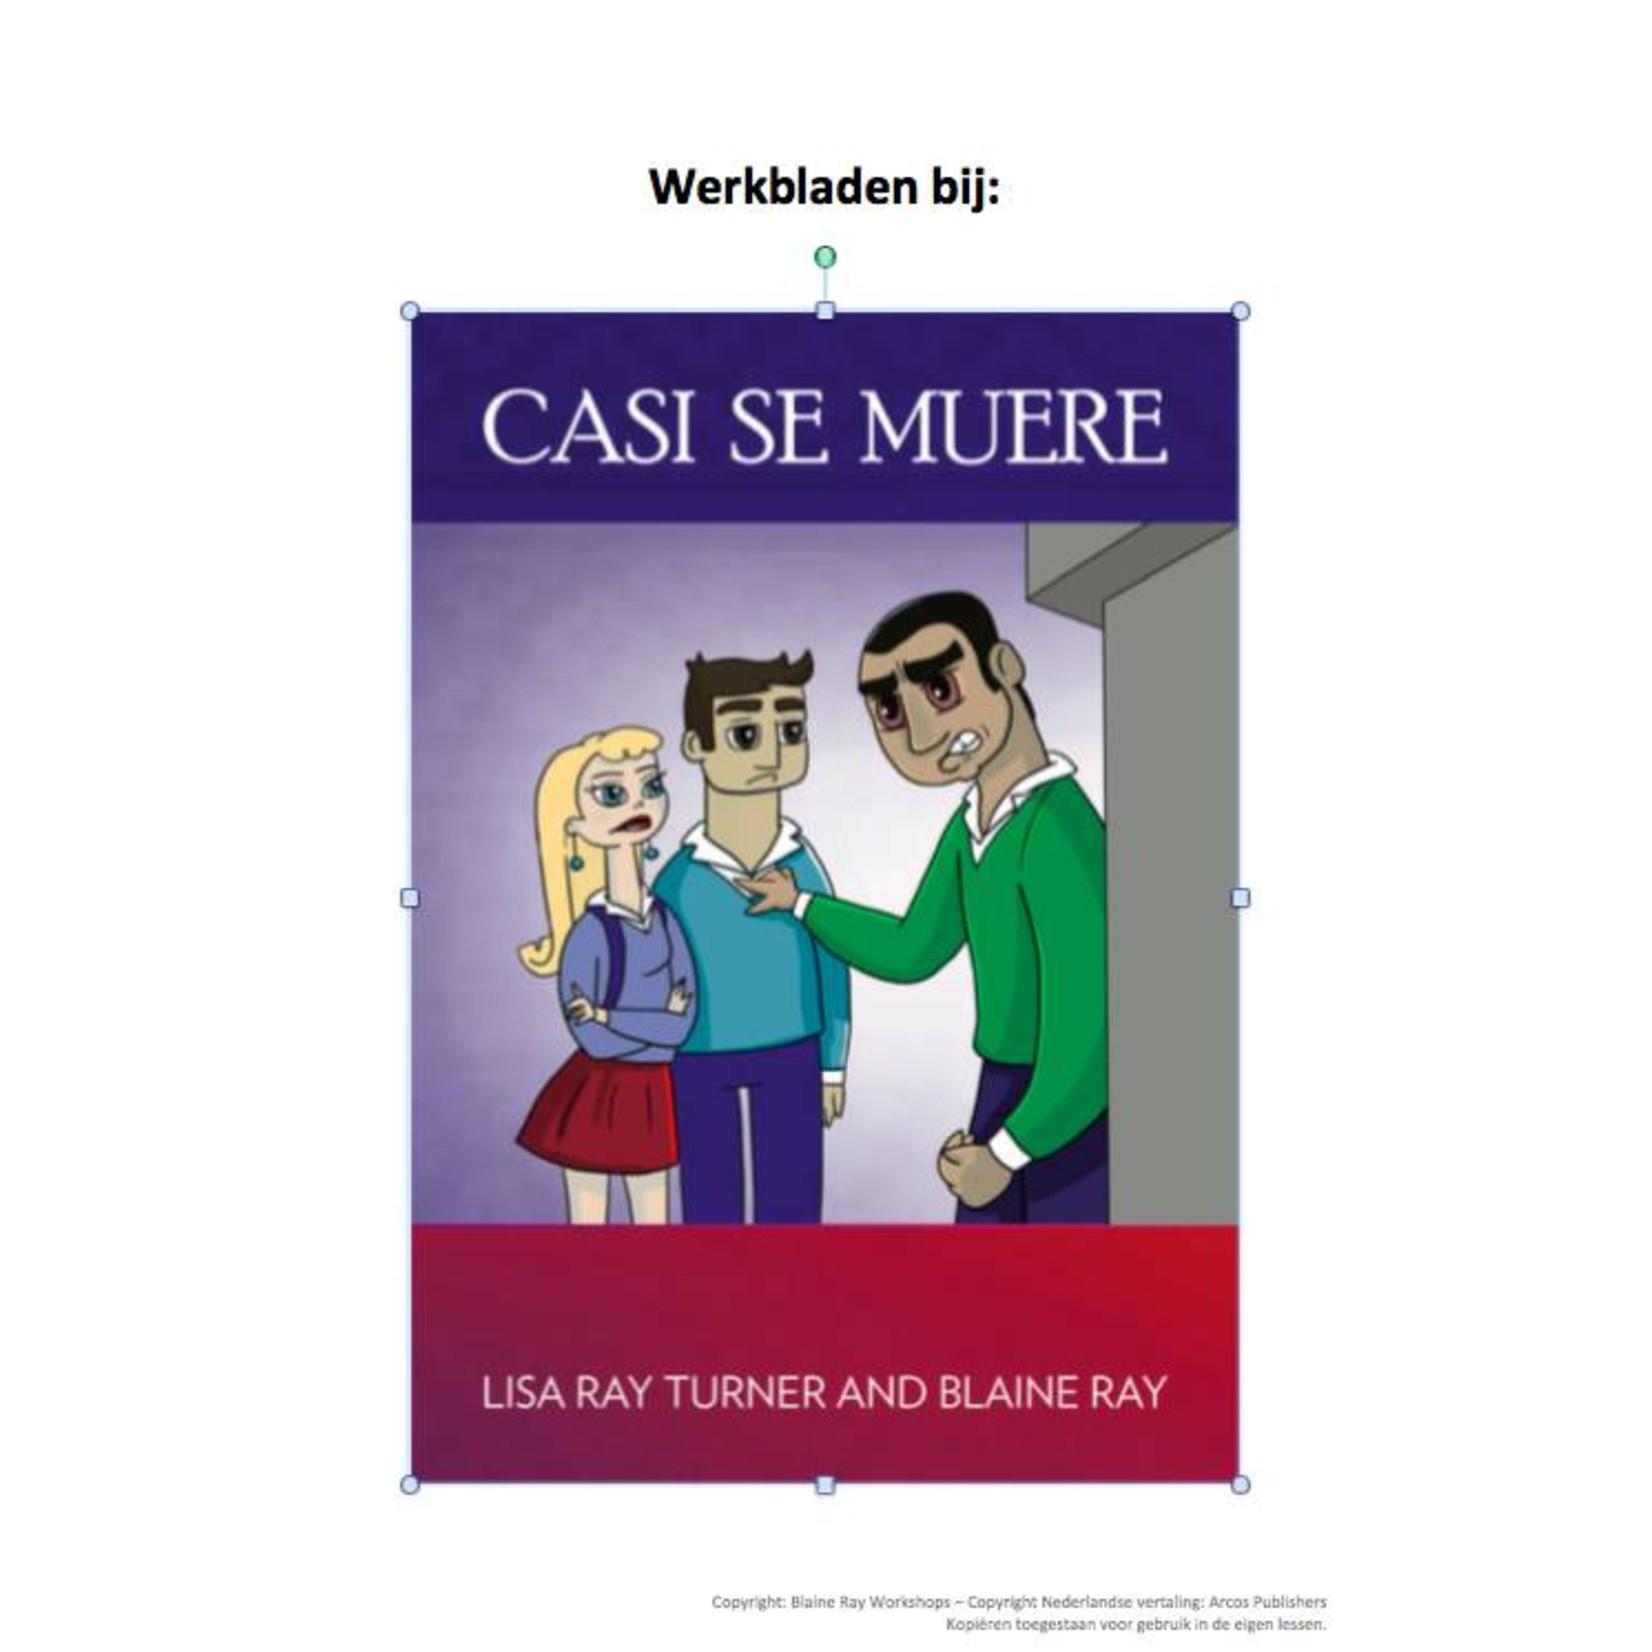 TPRS Books Casi se muere - Werkbladen